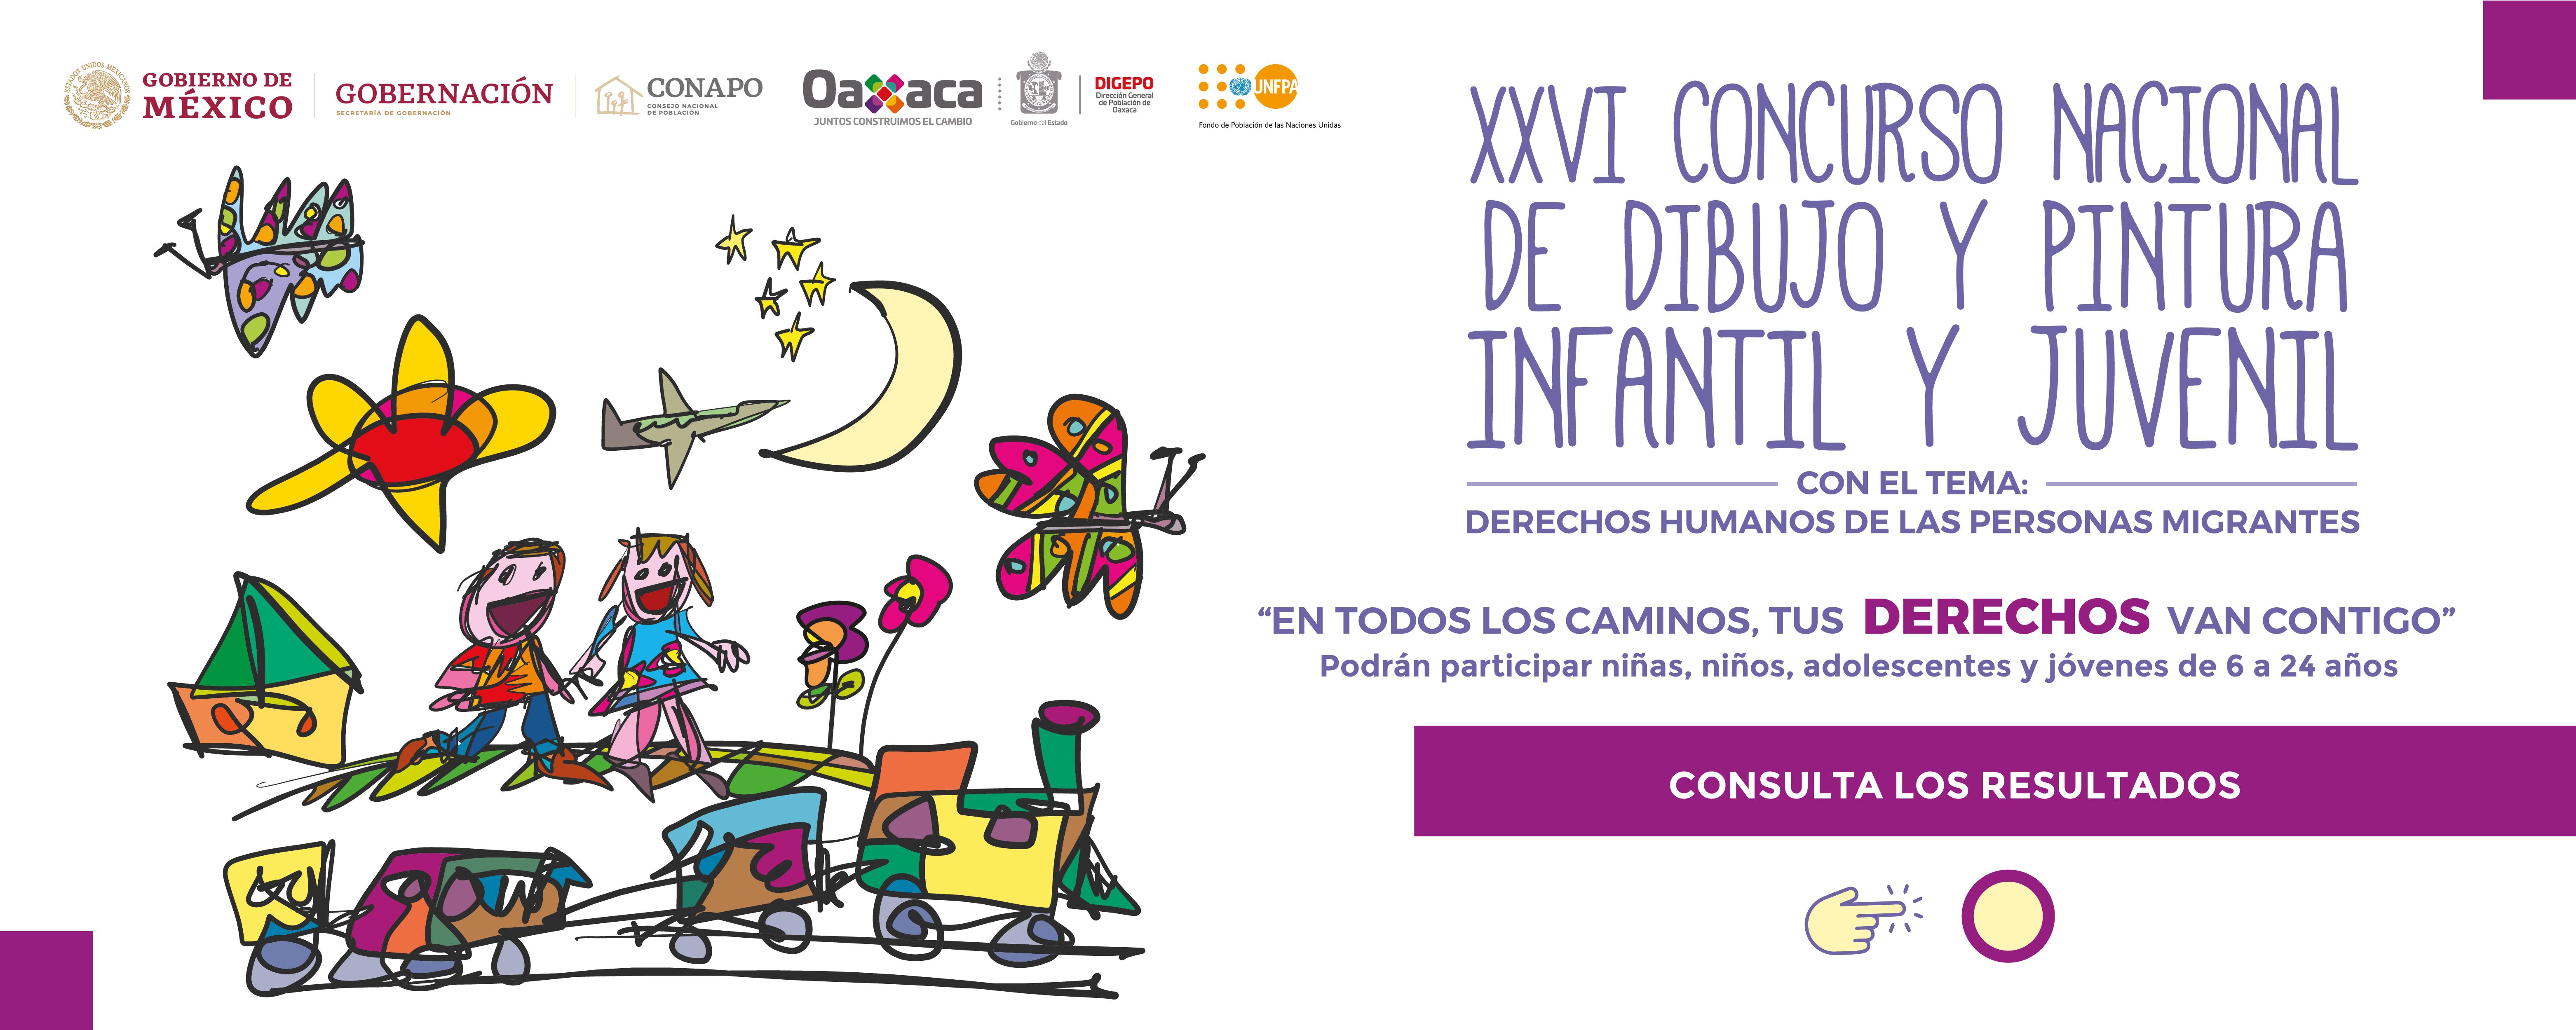 """PREMIA DIGEPO DIBUJOS GANADORES DEL XXVI CONCURSO NACIONAL DE DIBUJO Y PINTURA INFANTIL Y JUVENIL 2019: """"EN TODOS LOS CAMINOS, TUS DERECHOS VAN CONTIGO"""""""